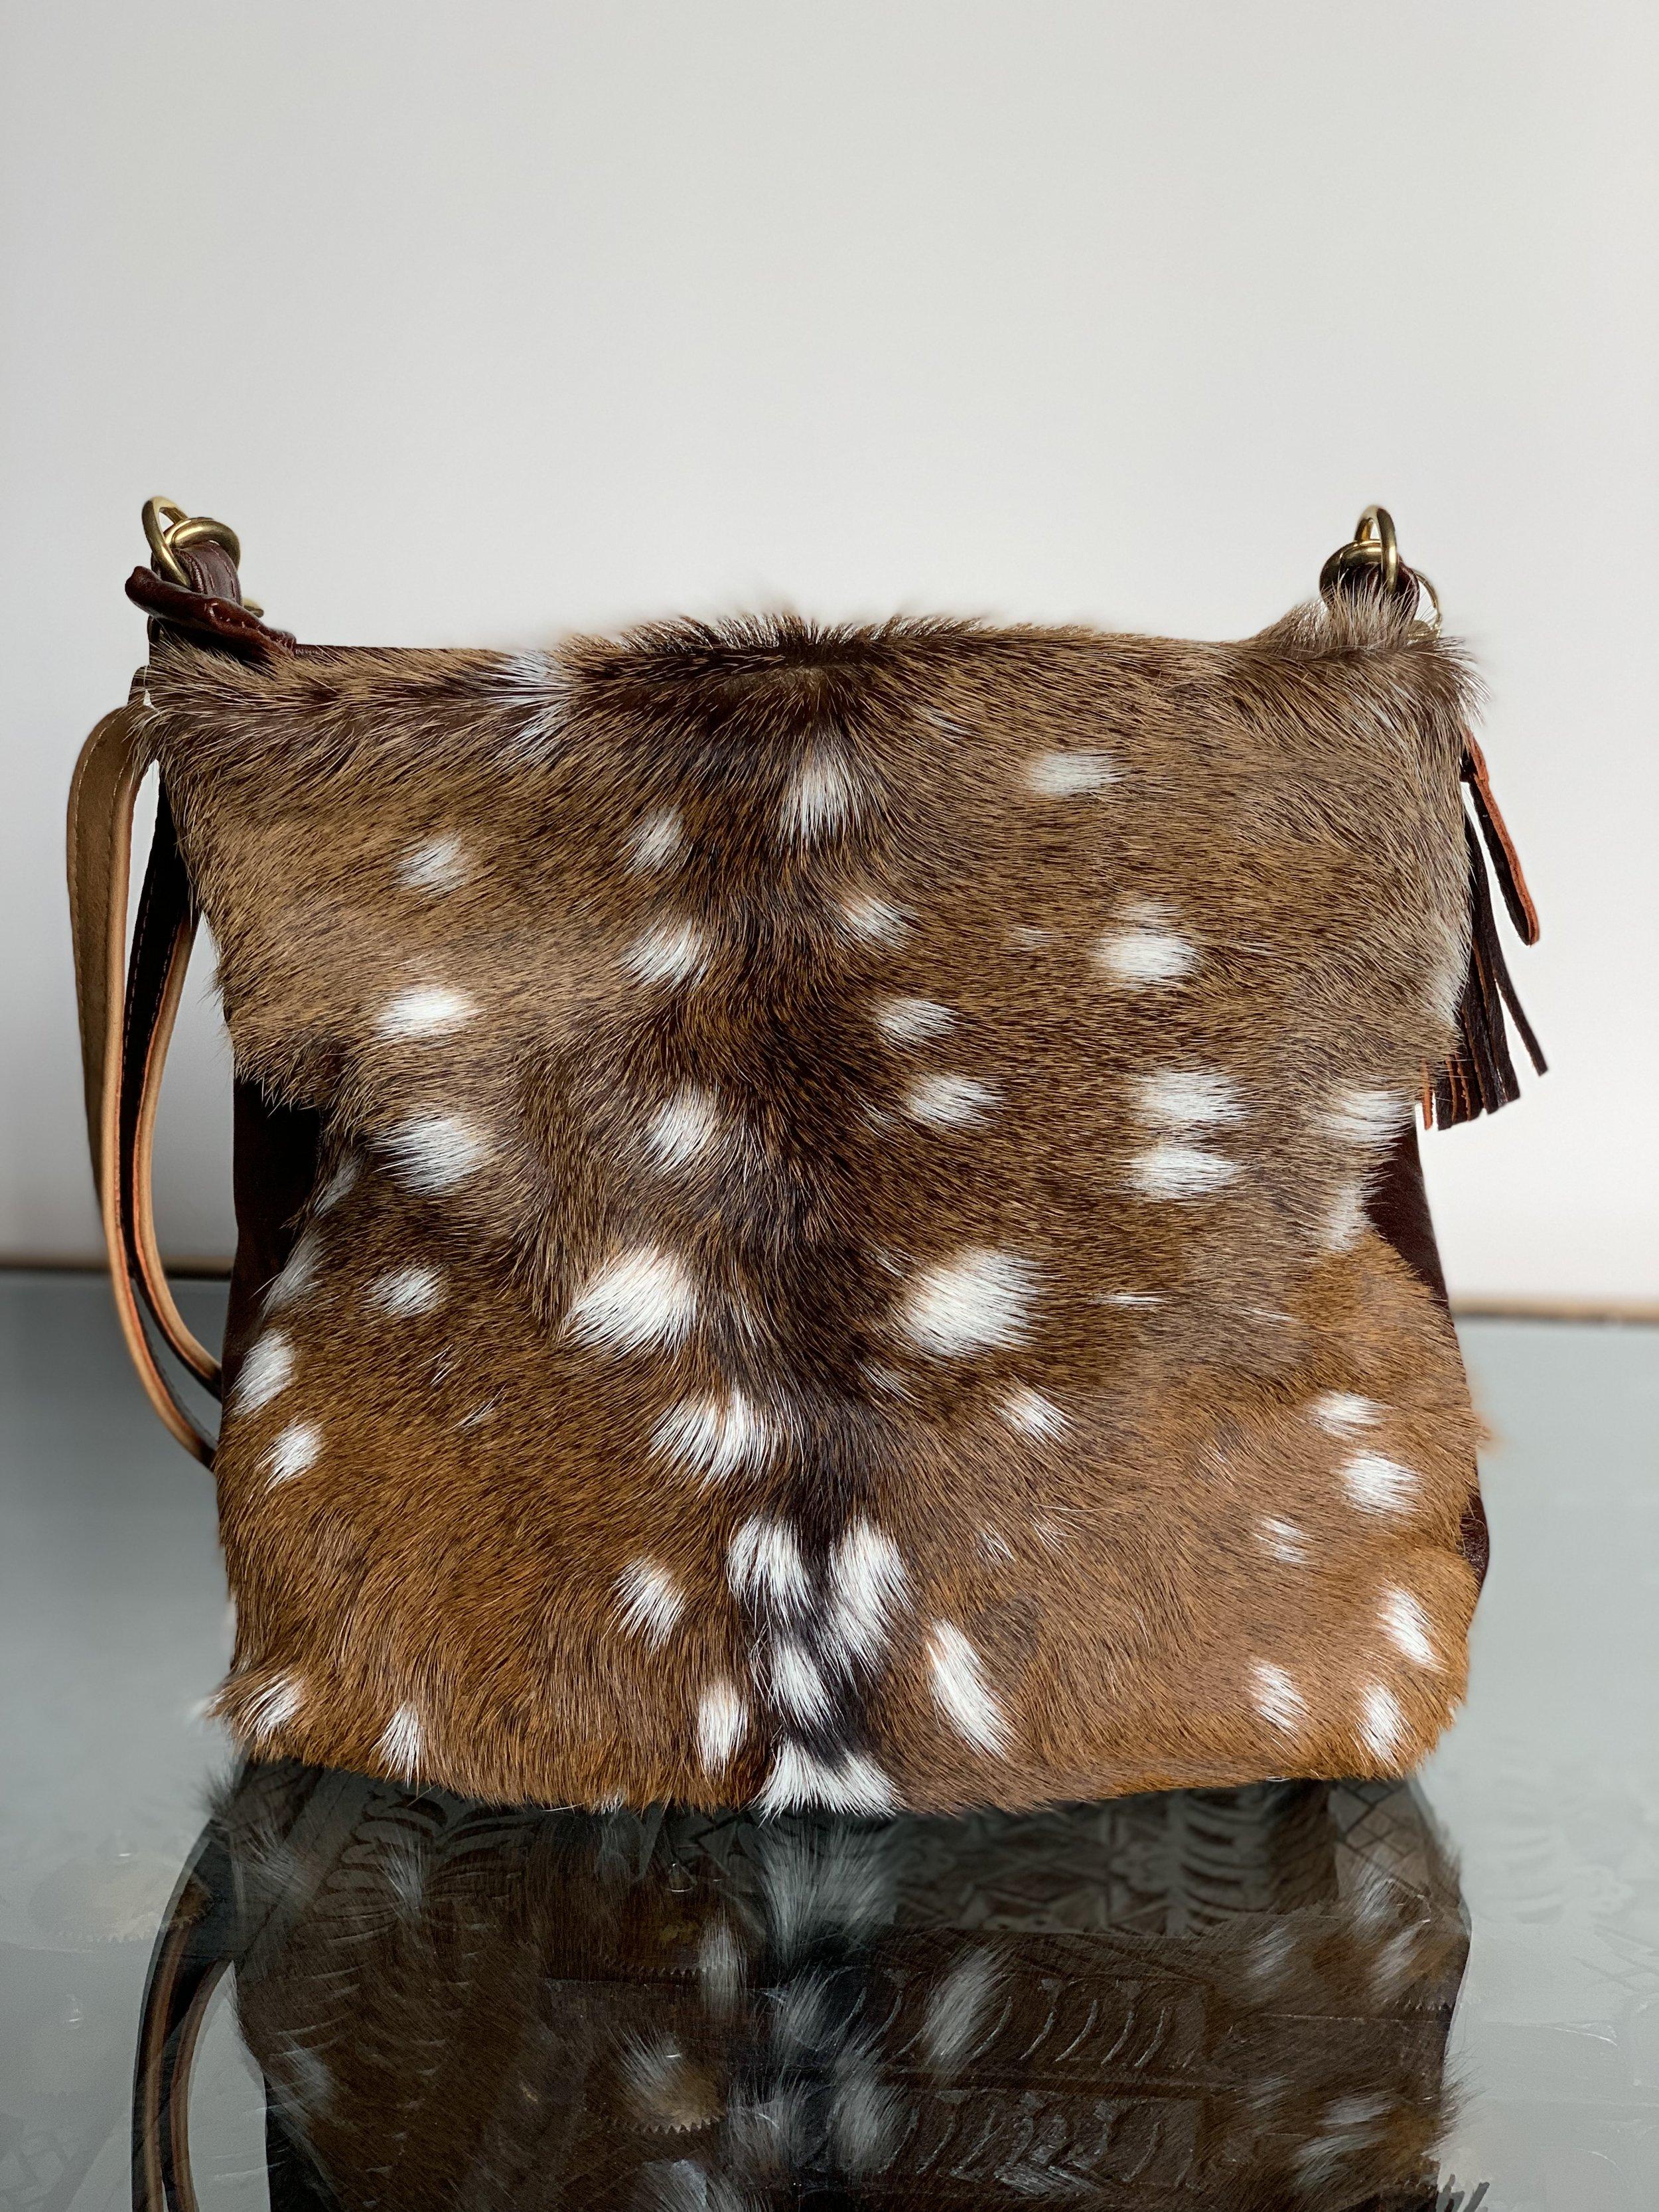 Axis Deer Skin With Fur and Dark Brown Cowhide